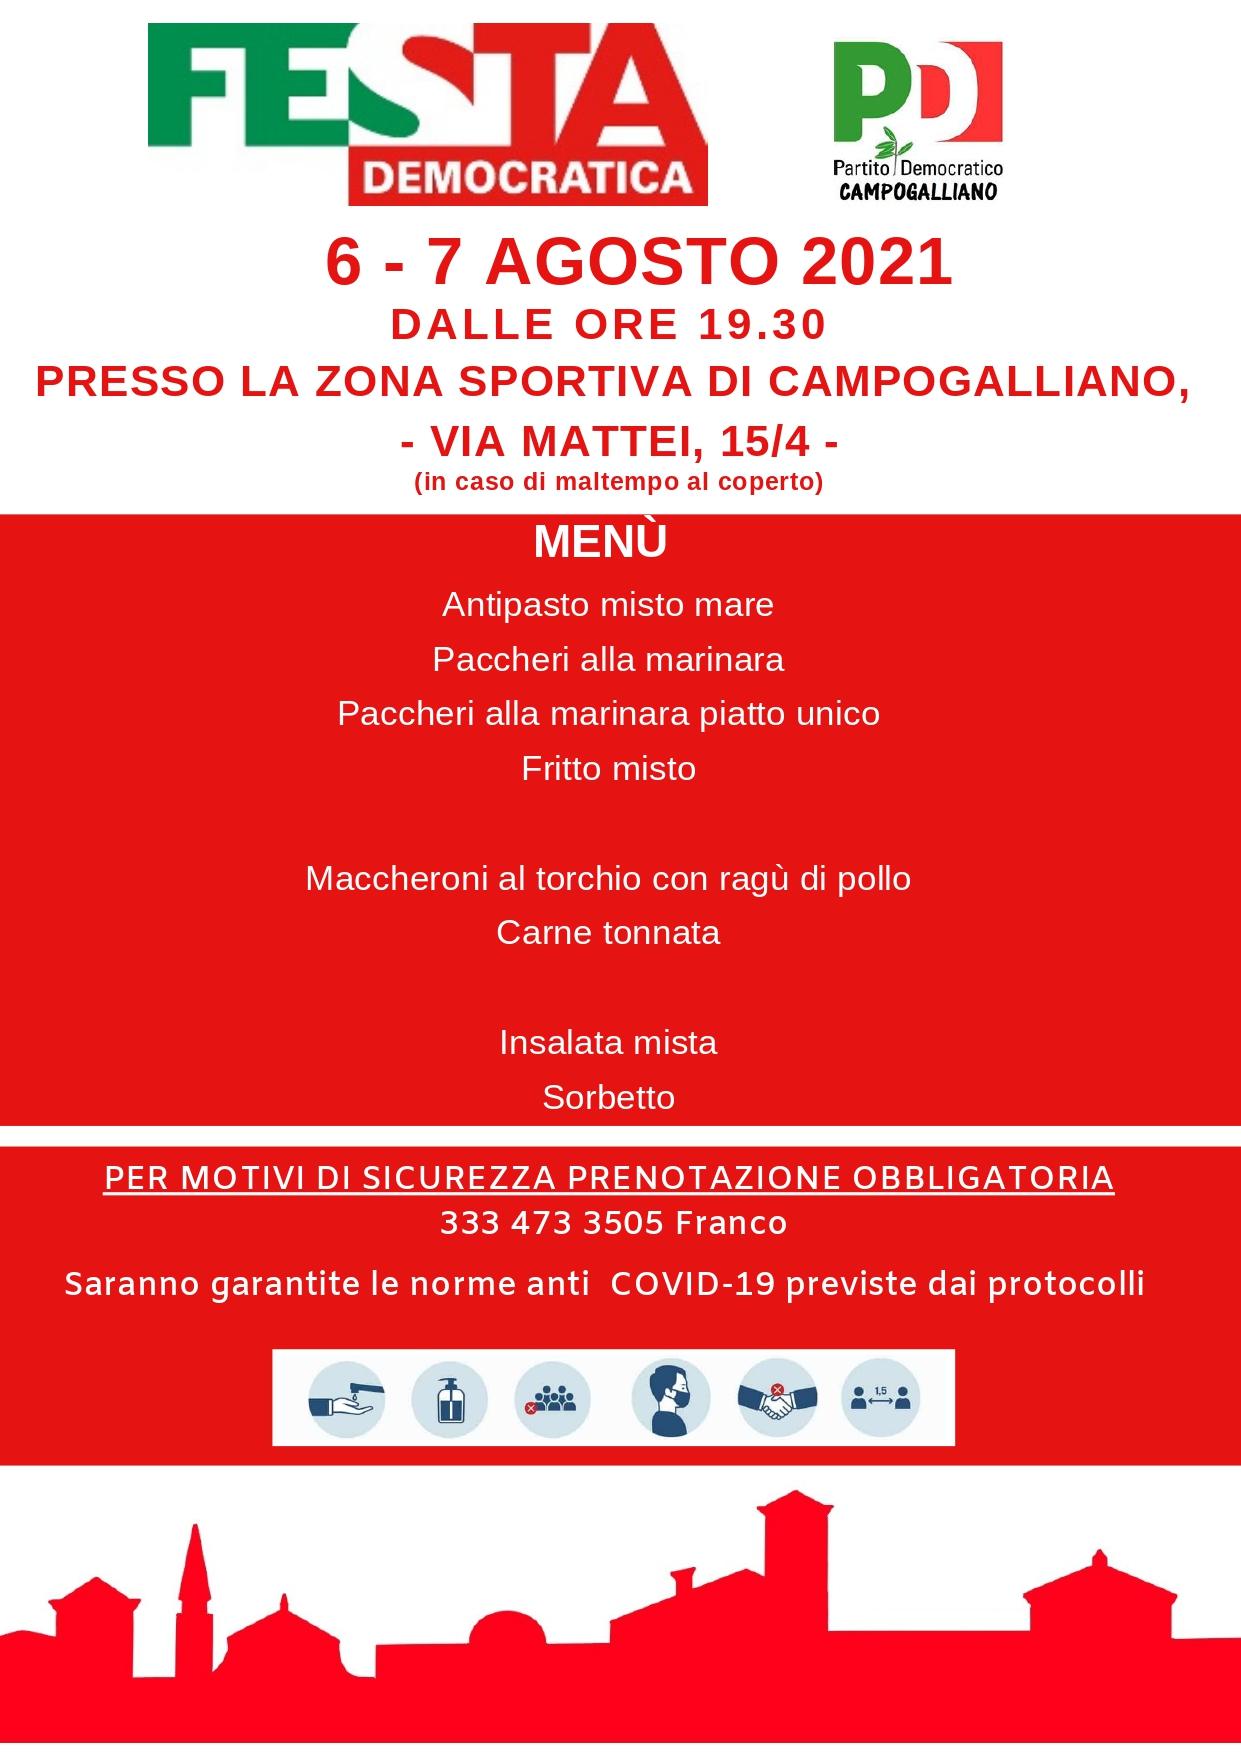 Festa di Campogalliano